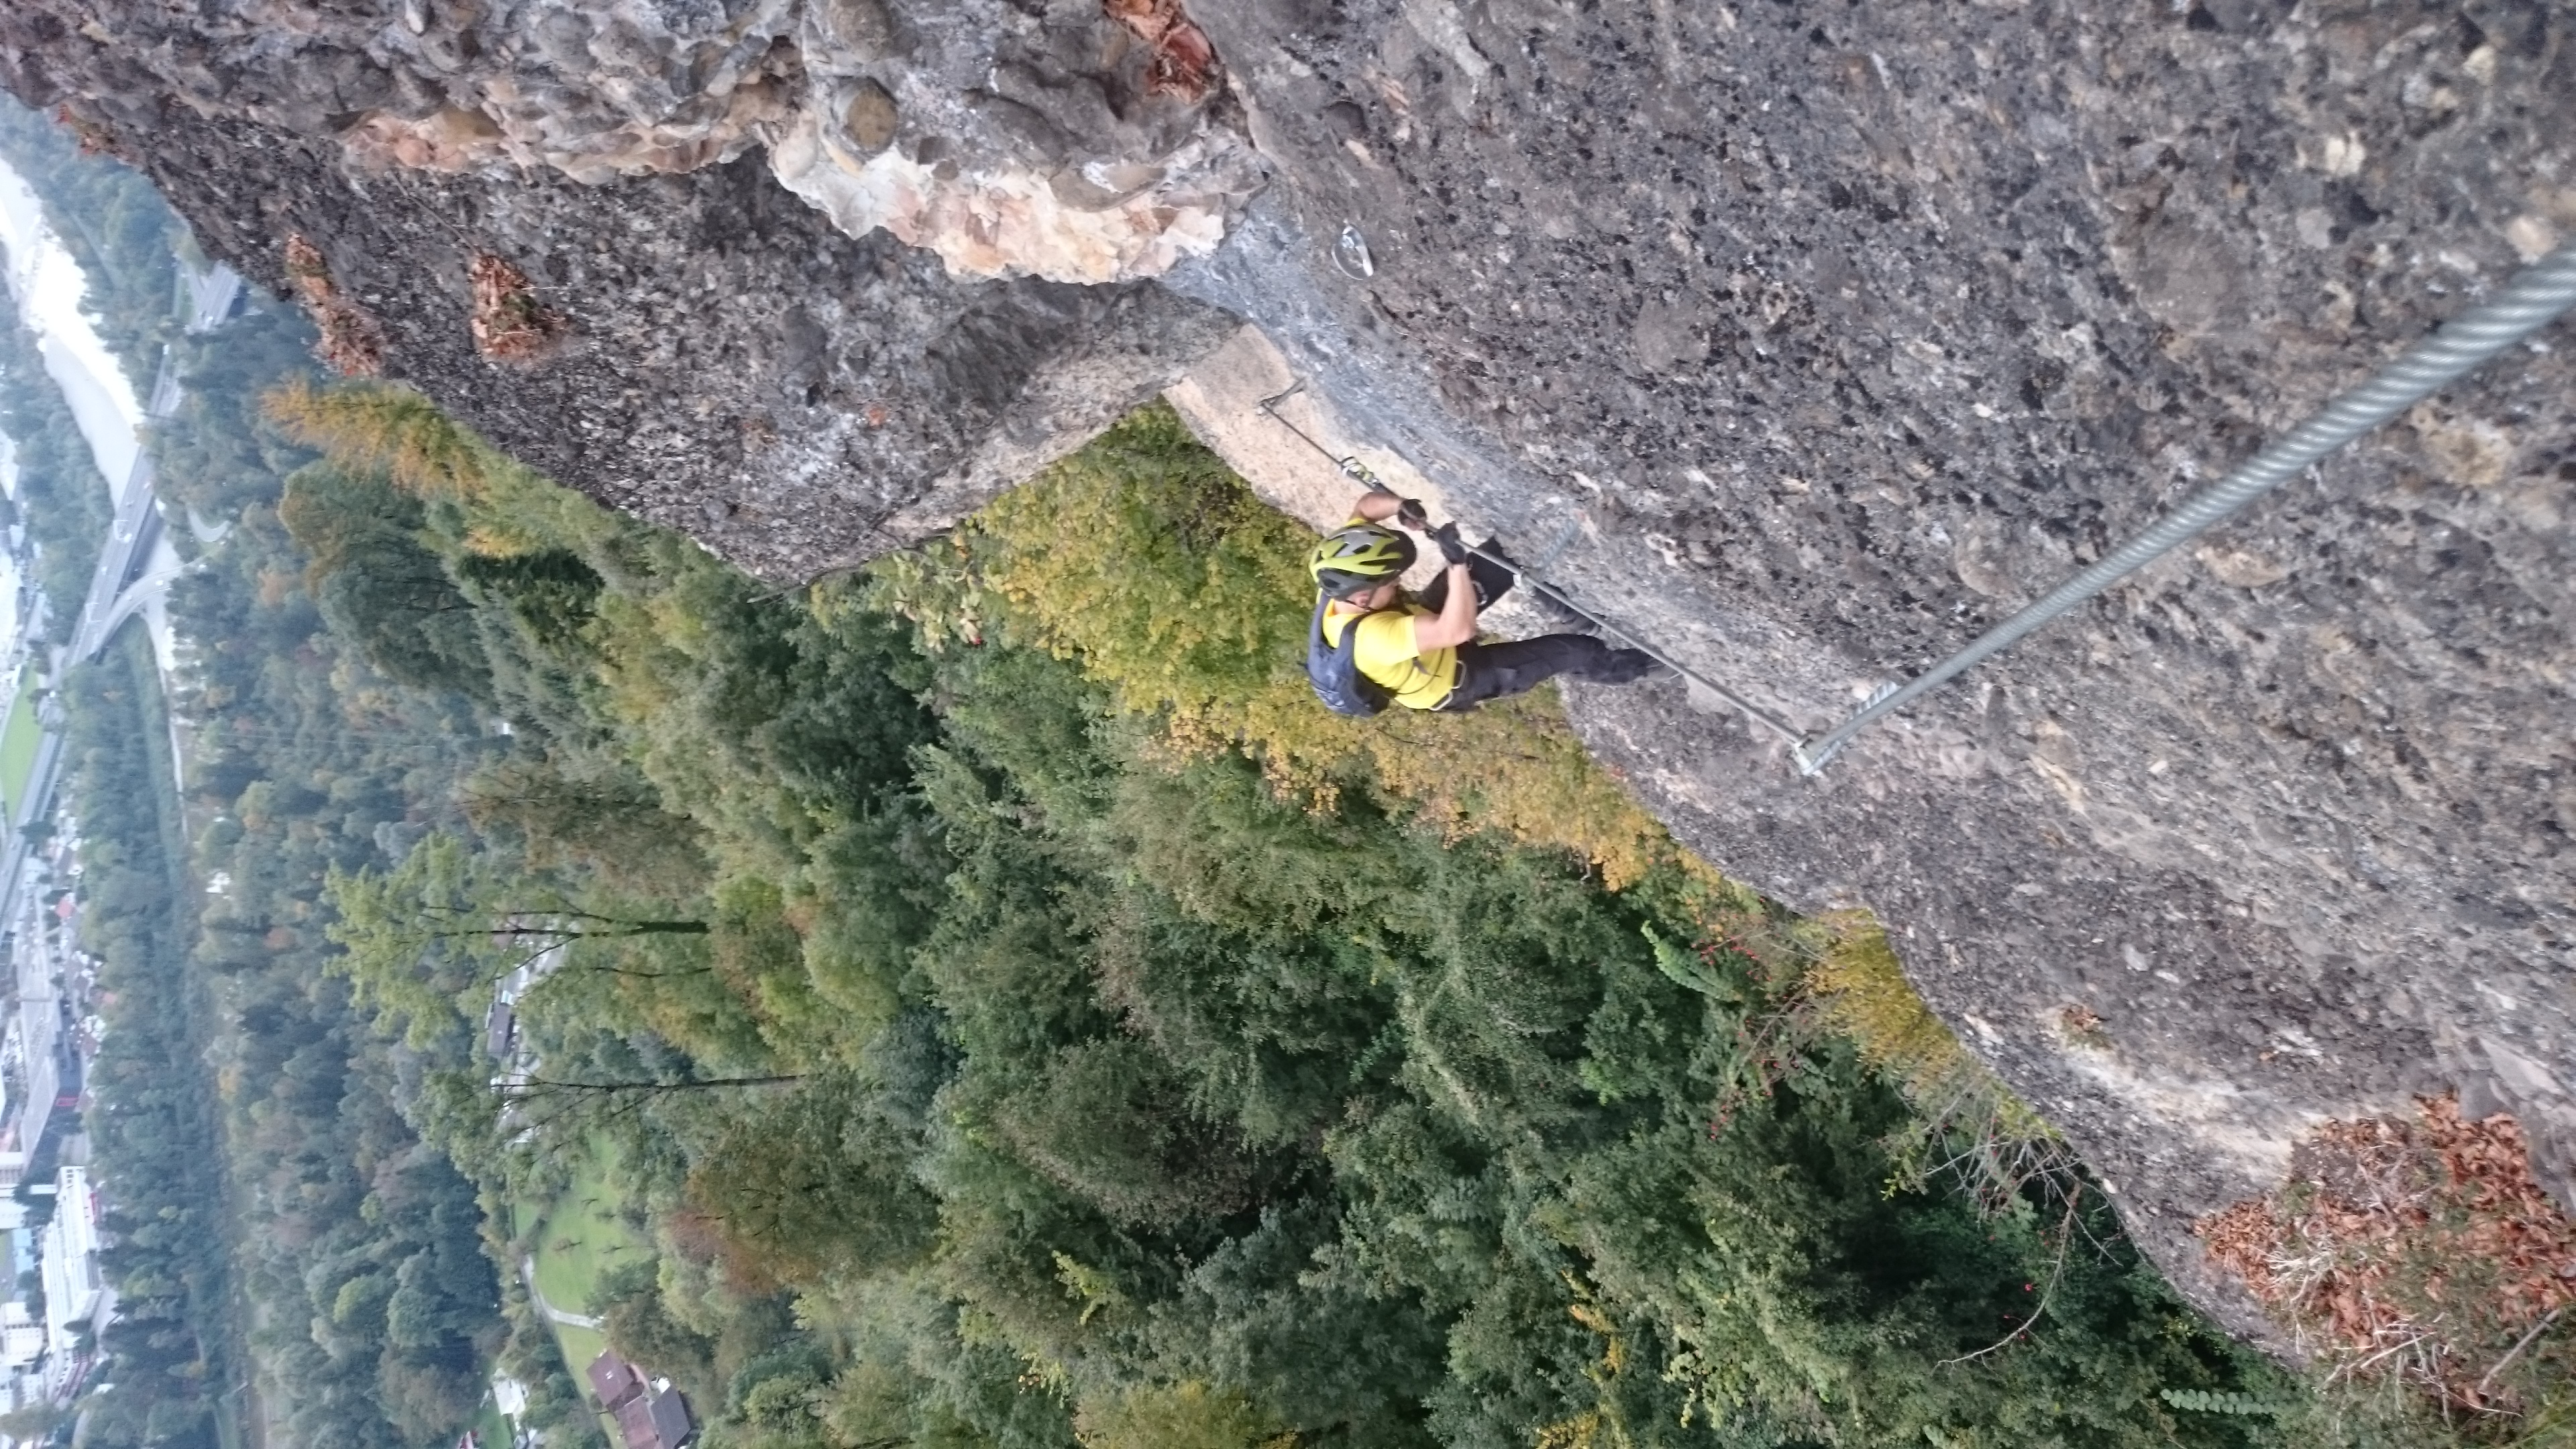 Klettersteig Bregenz : Känzele klettersteig alberschwende bregenzerwald kletter